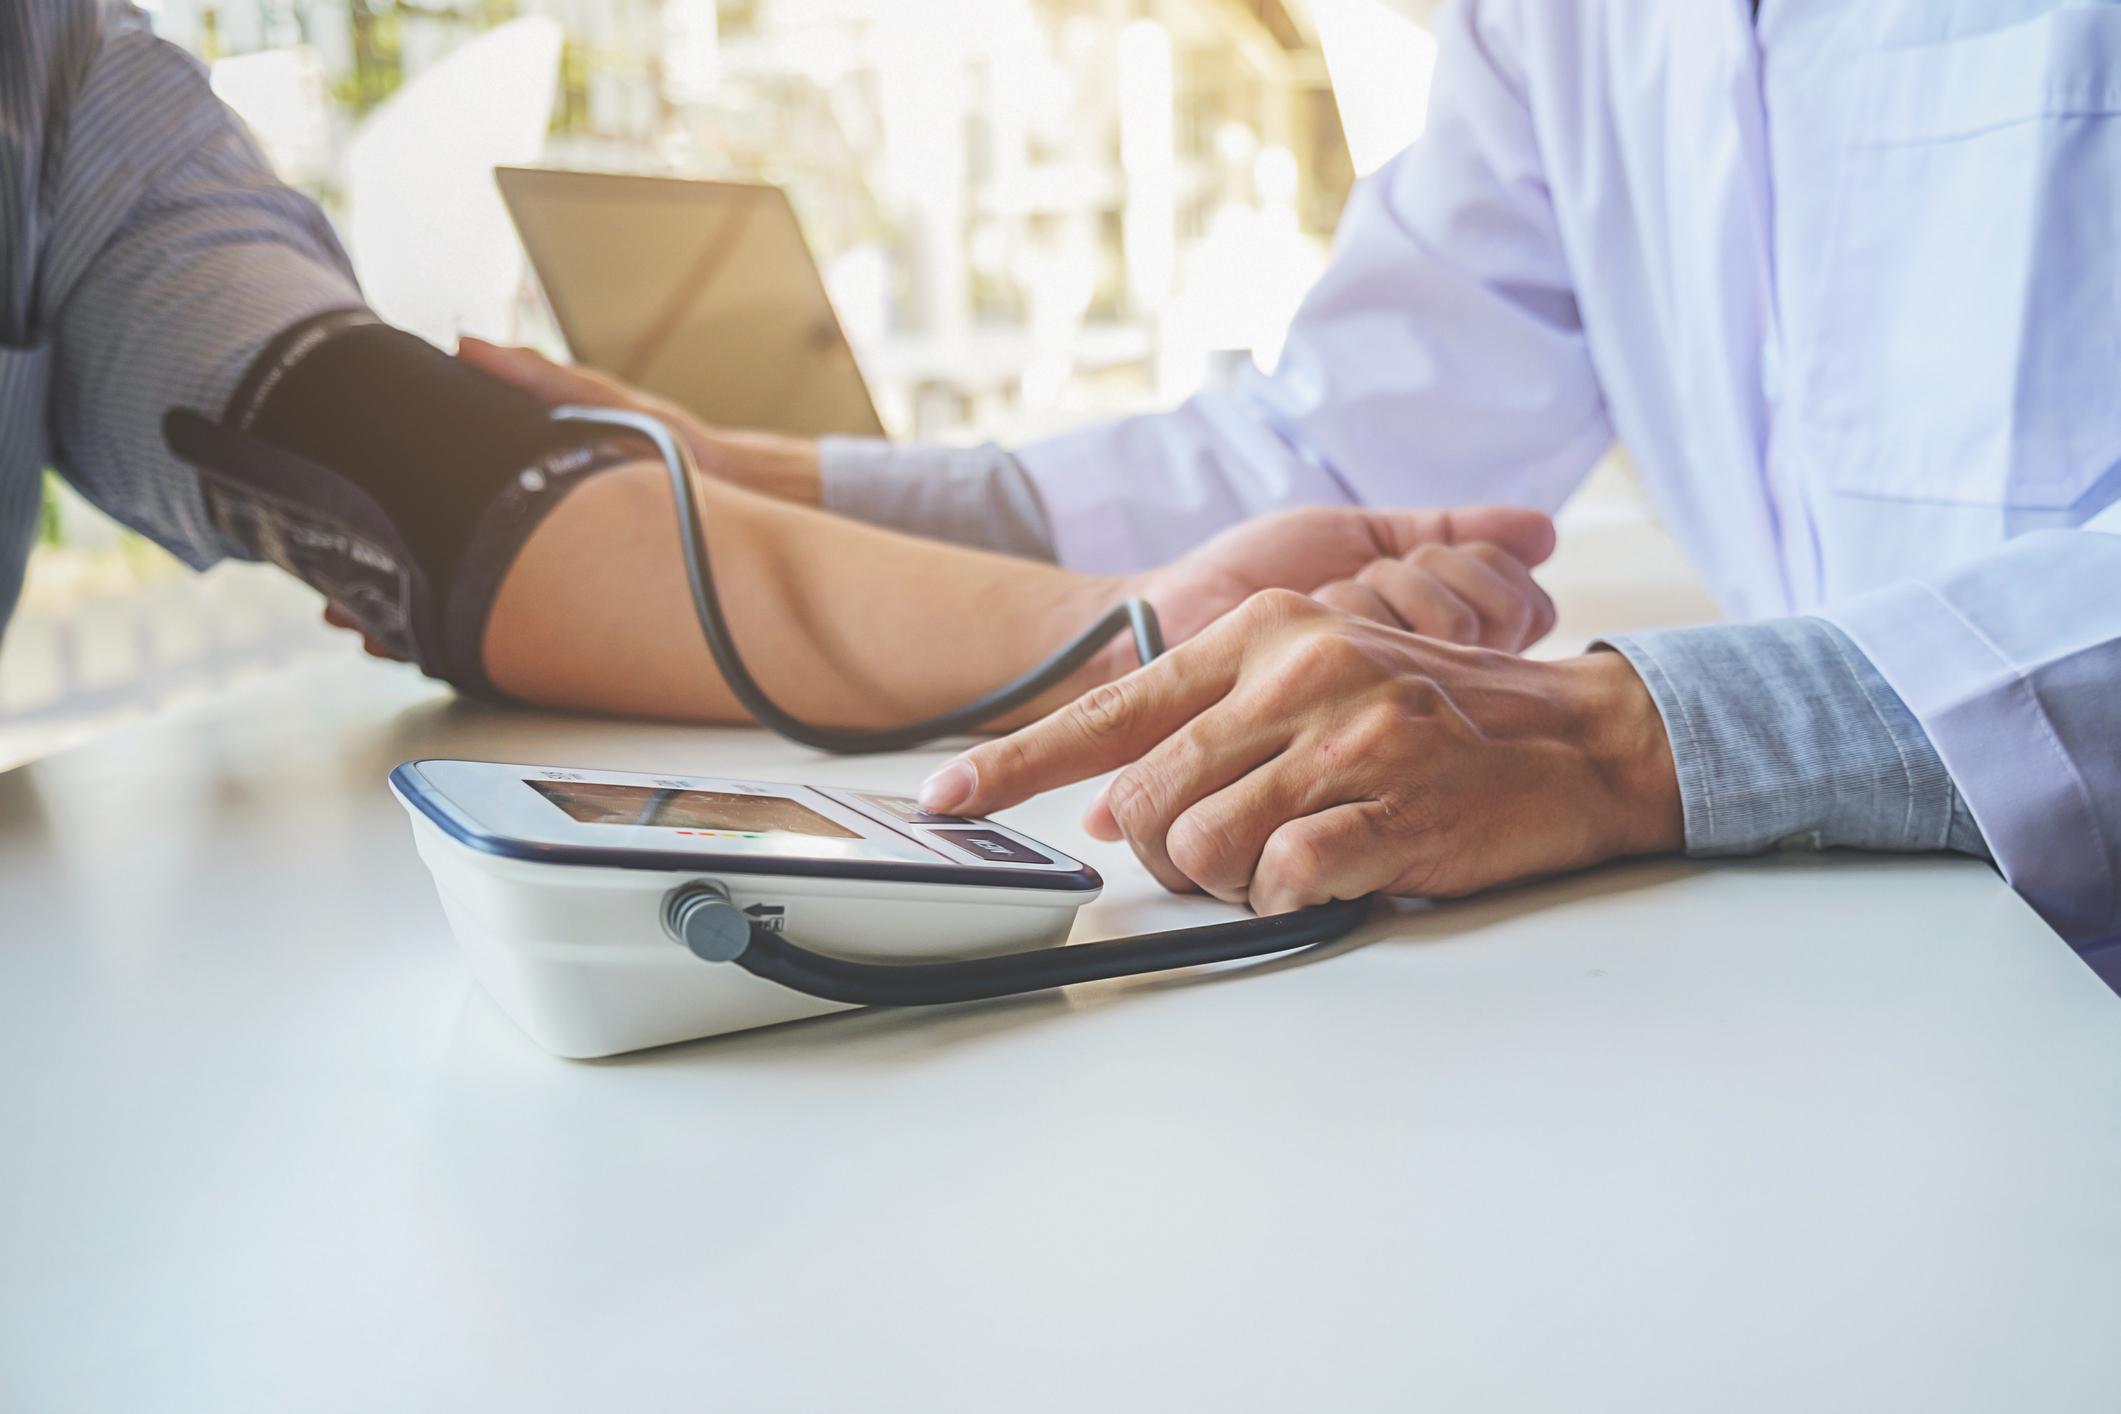 mi az agyi magas vérnyomás hogyan kell kitölteni a magas vérnyomású mentőkártyát